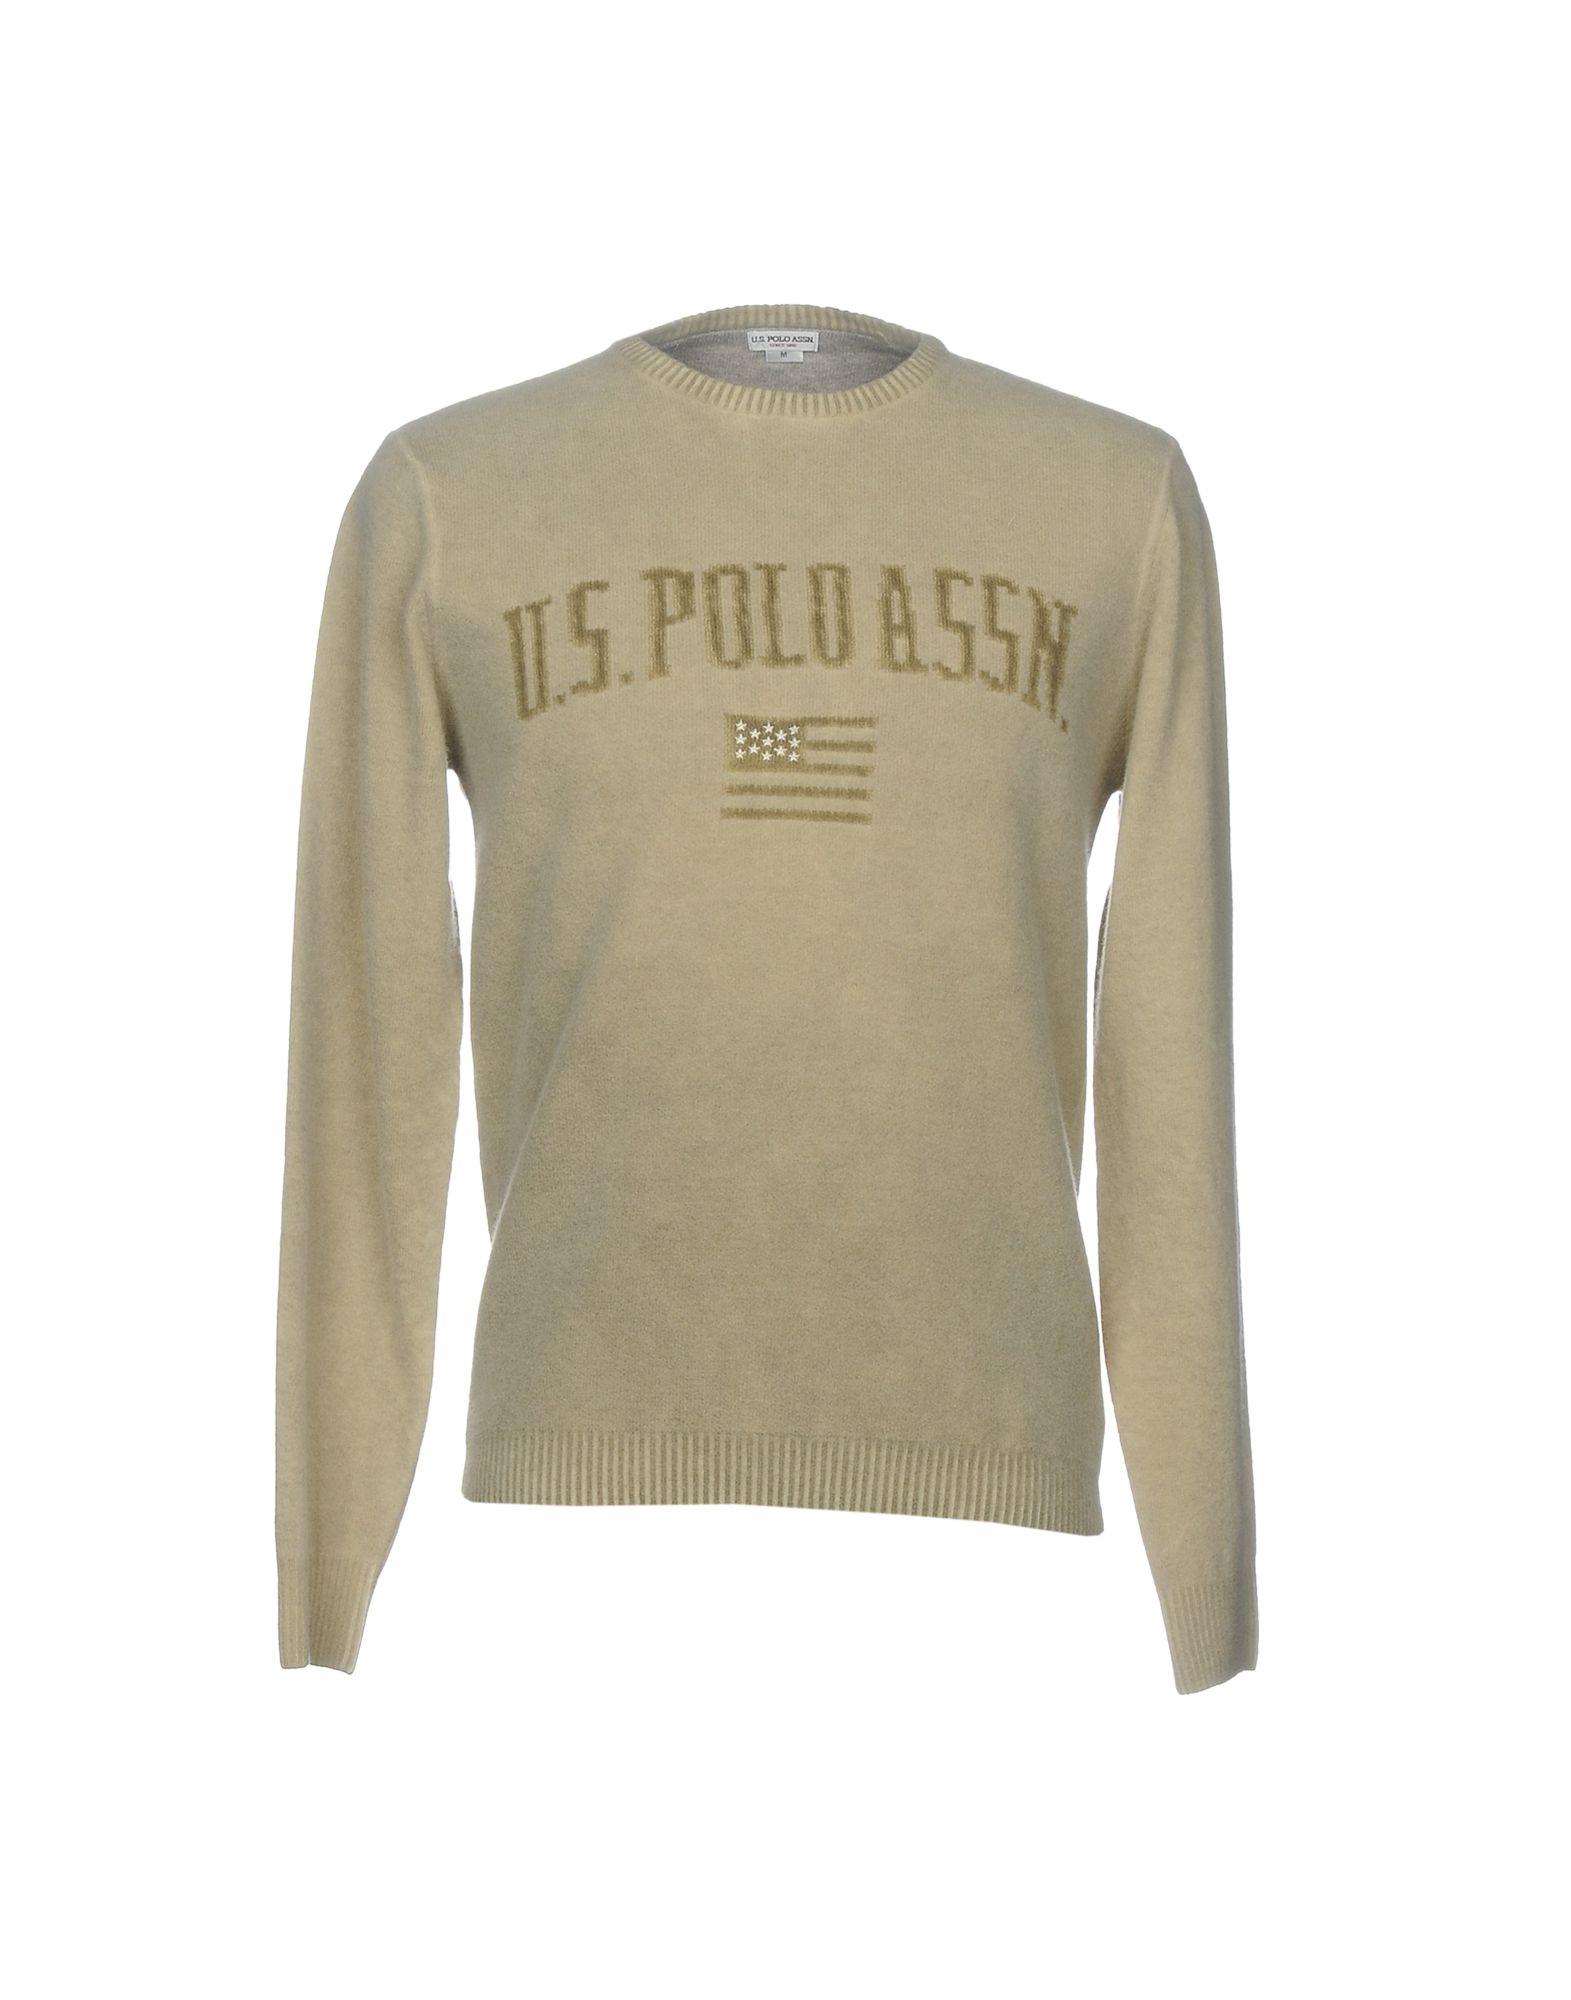 Pullover U.S.Polo Assn. Uomo - Acquista online su